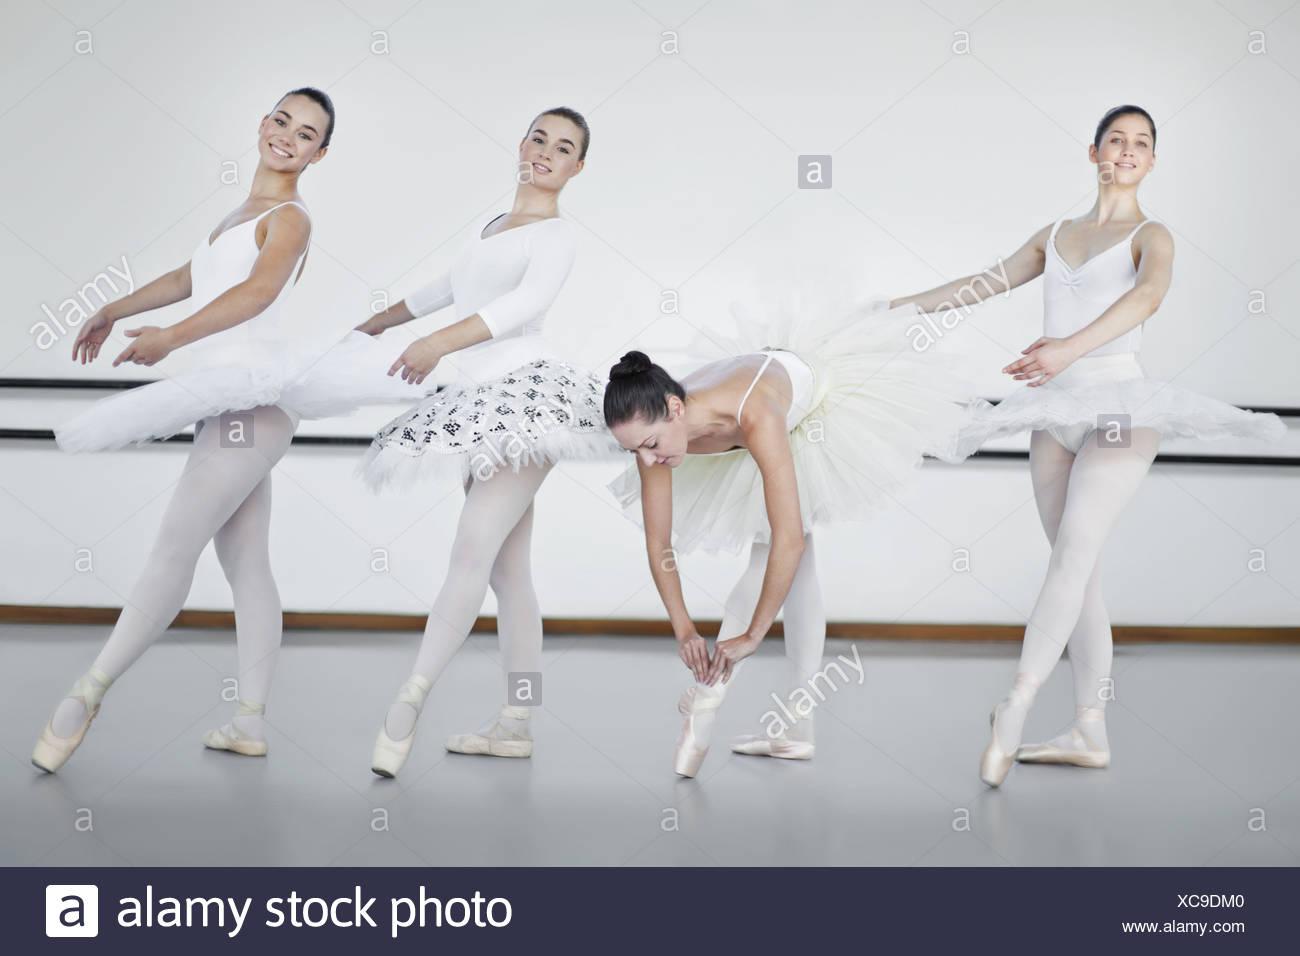 Ballet dancers standing in studio - Stock Image